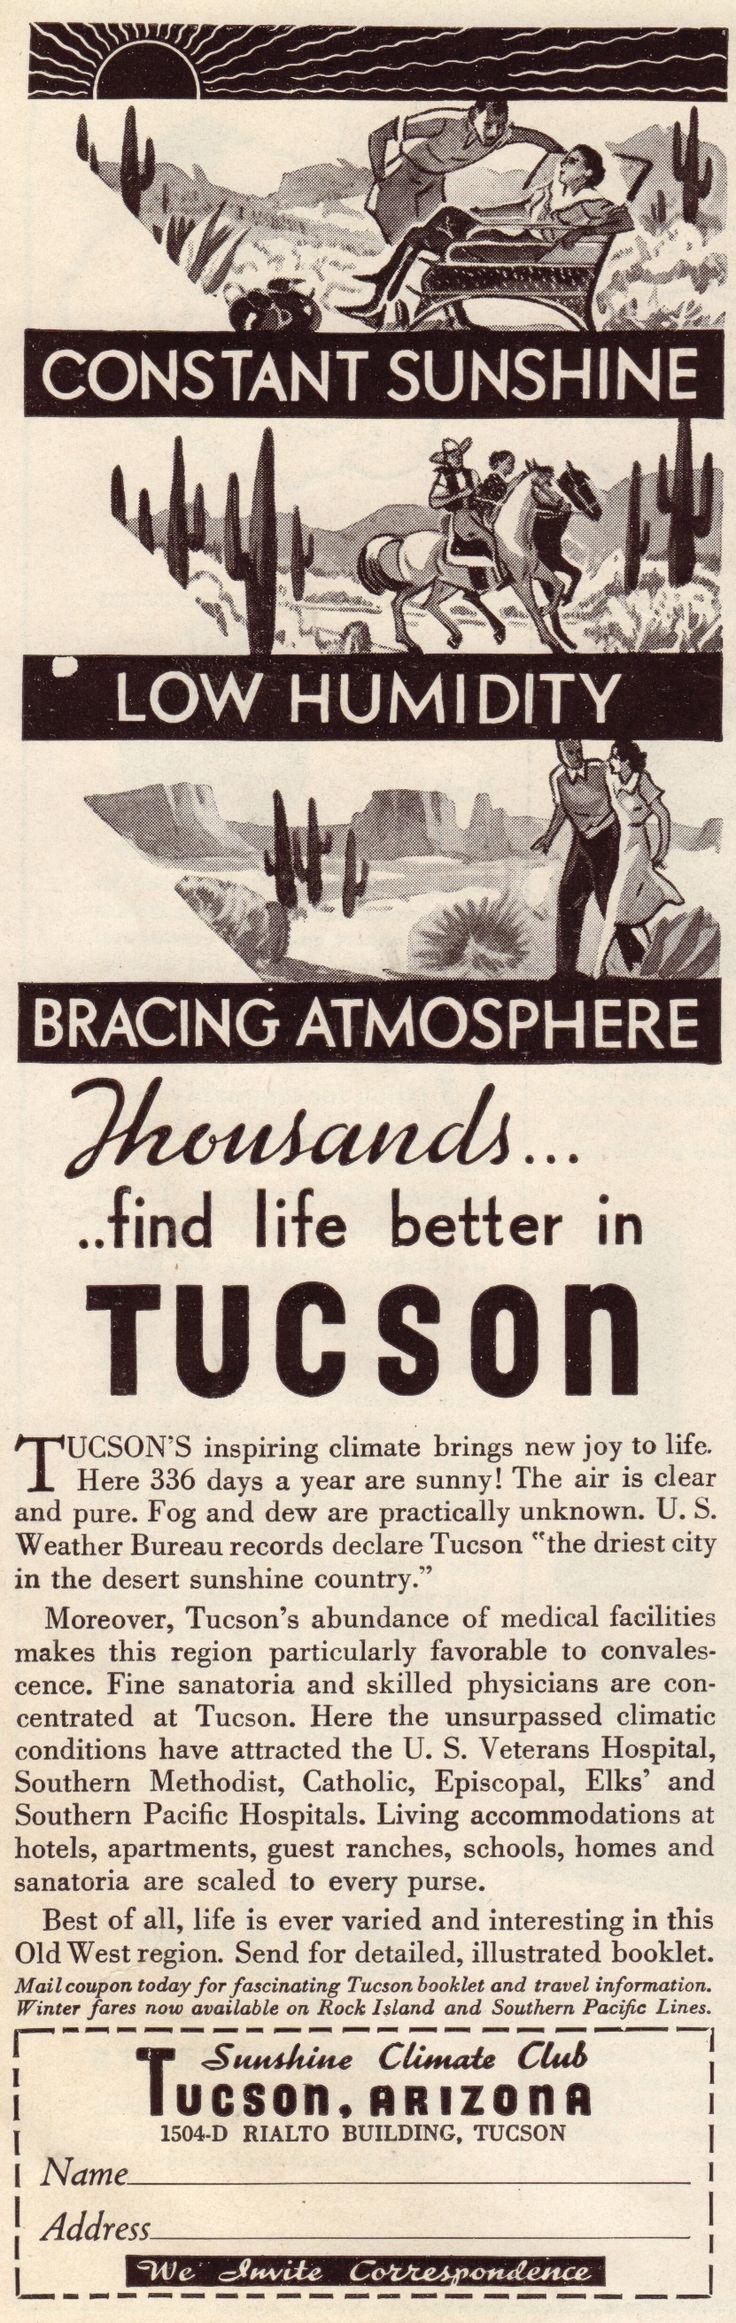 1935 Tucson